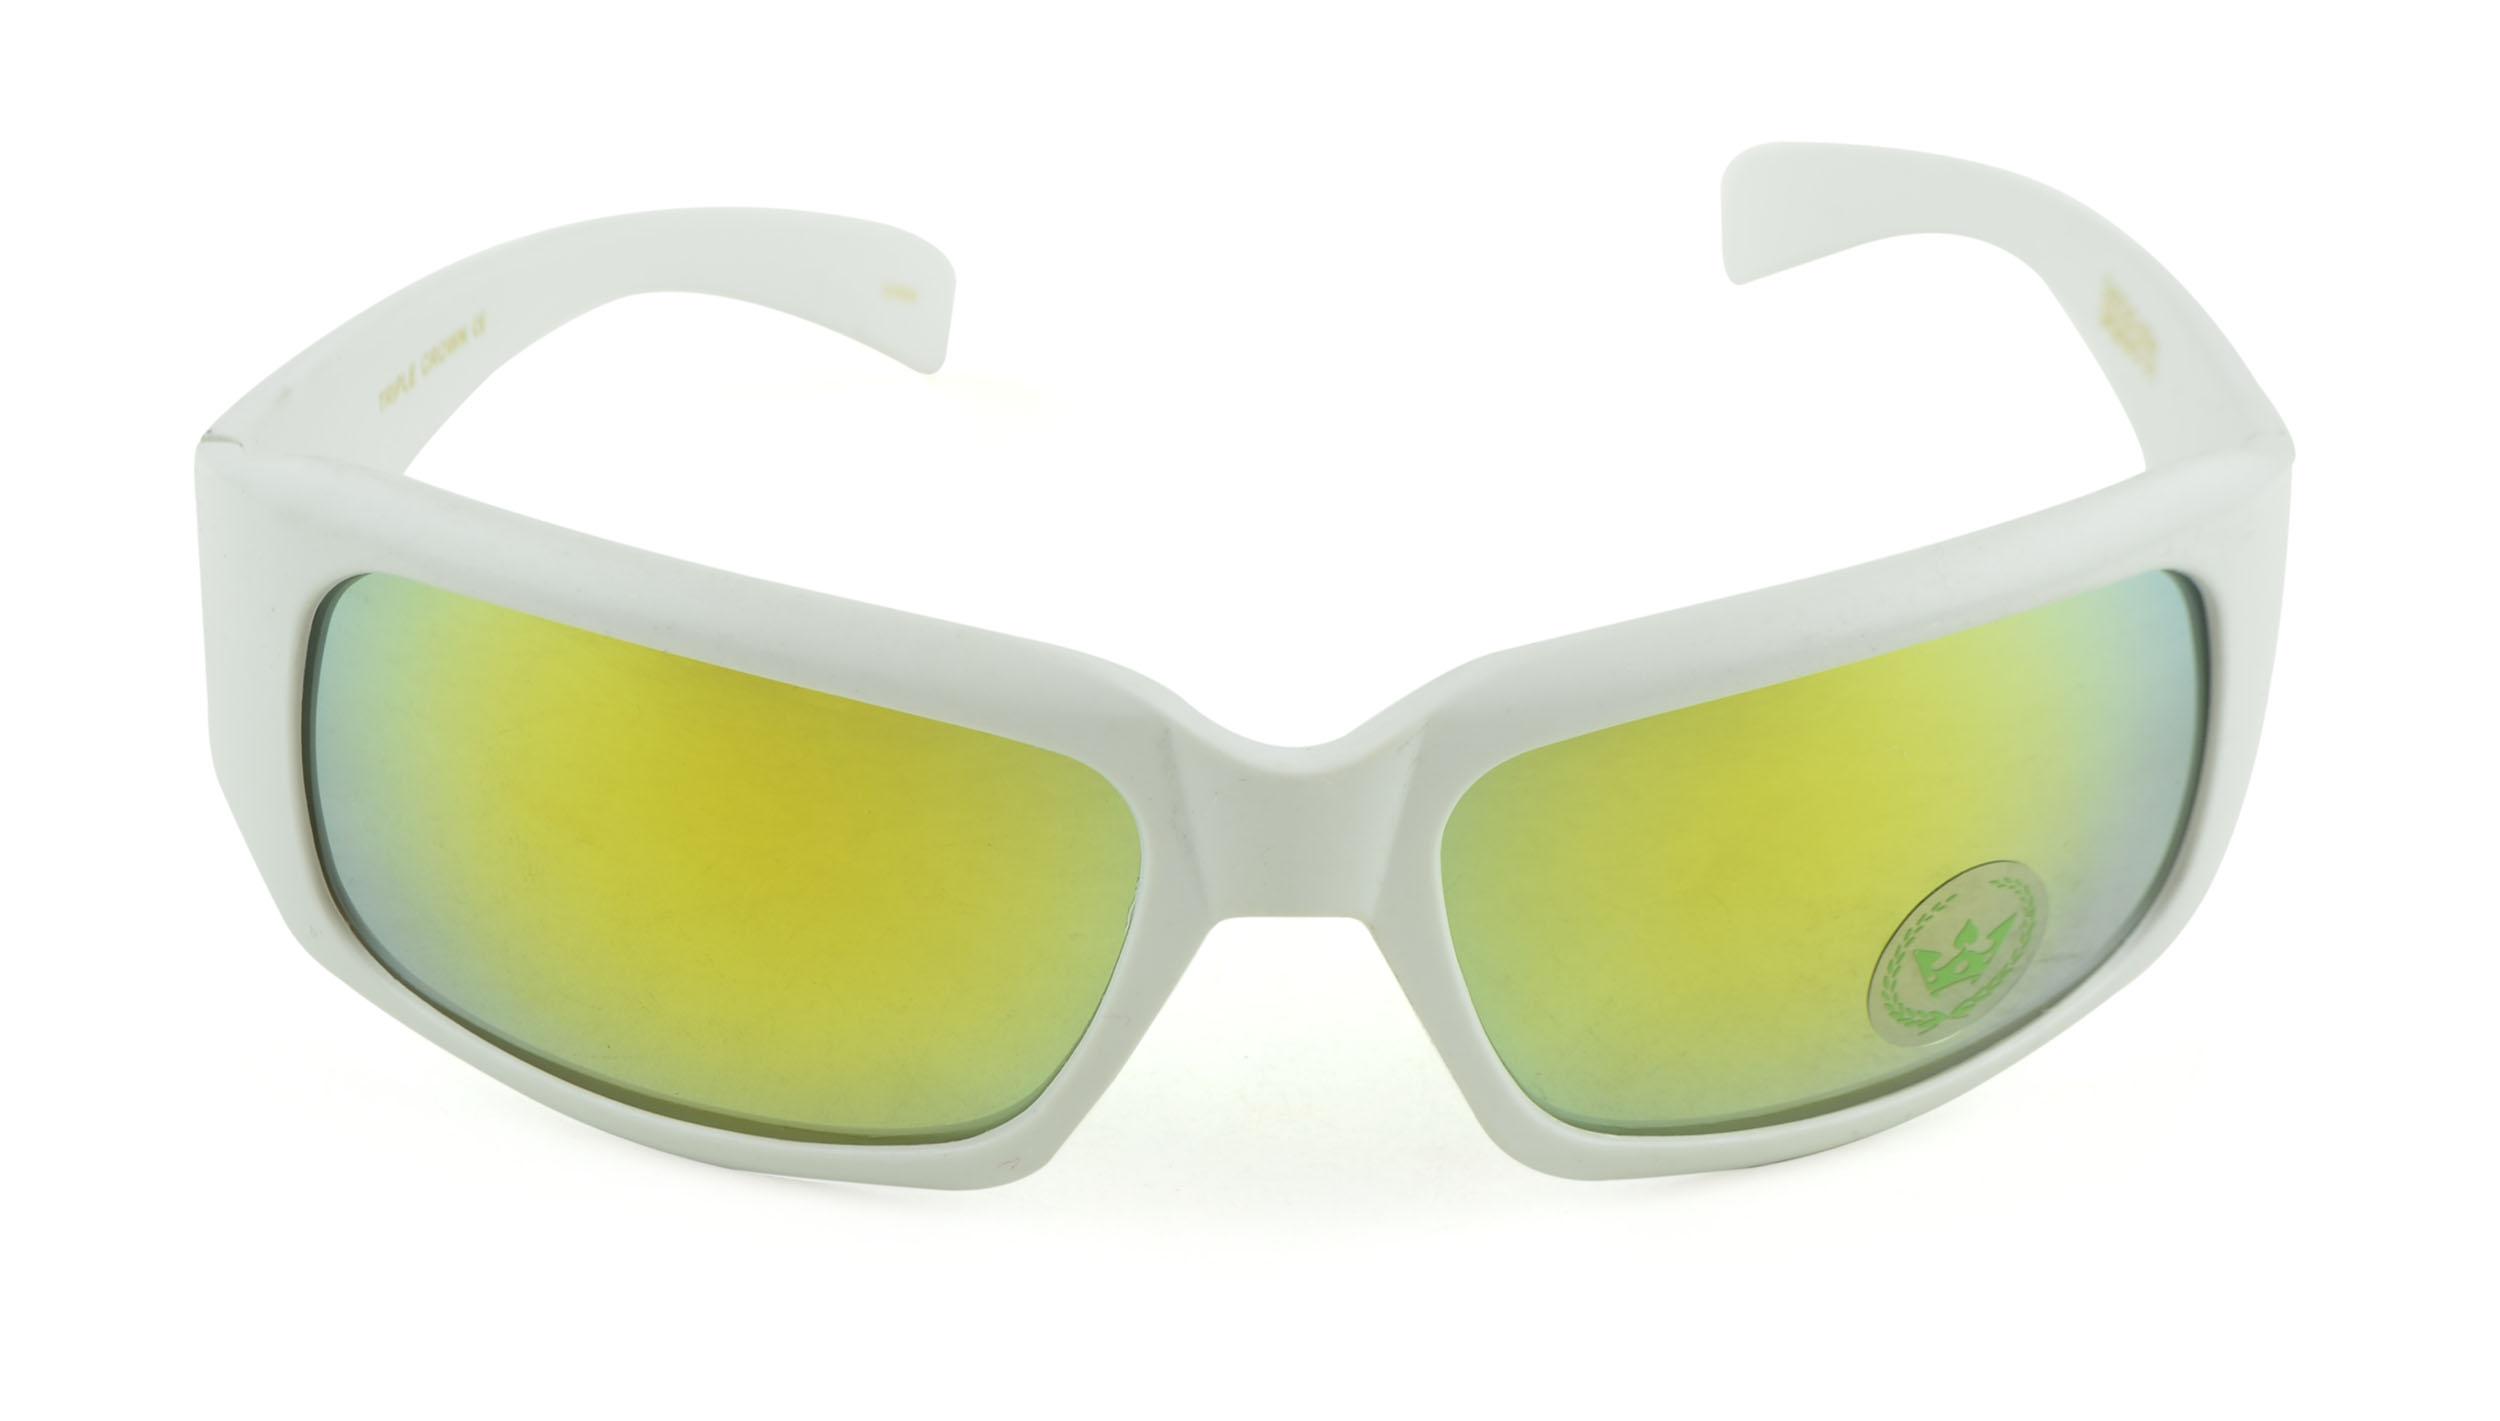 Belle Donne- Gangster Sunglass Hardcore Dark Lens Sunglasses Men Women - White